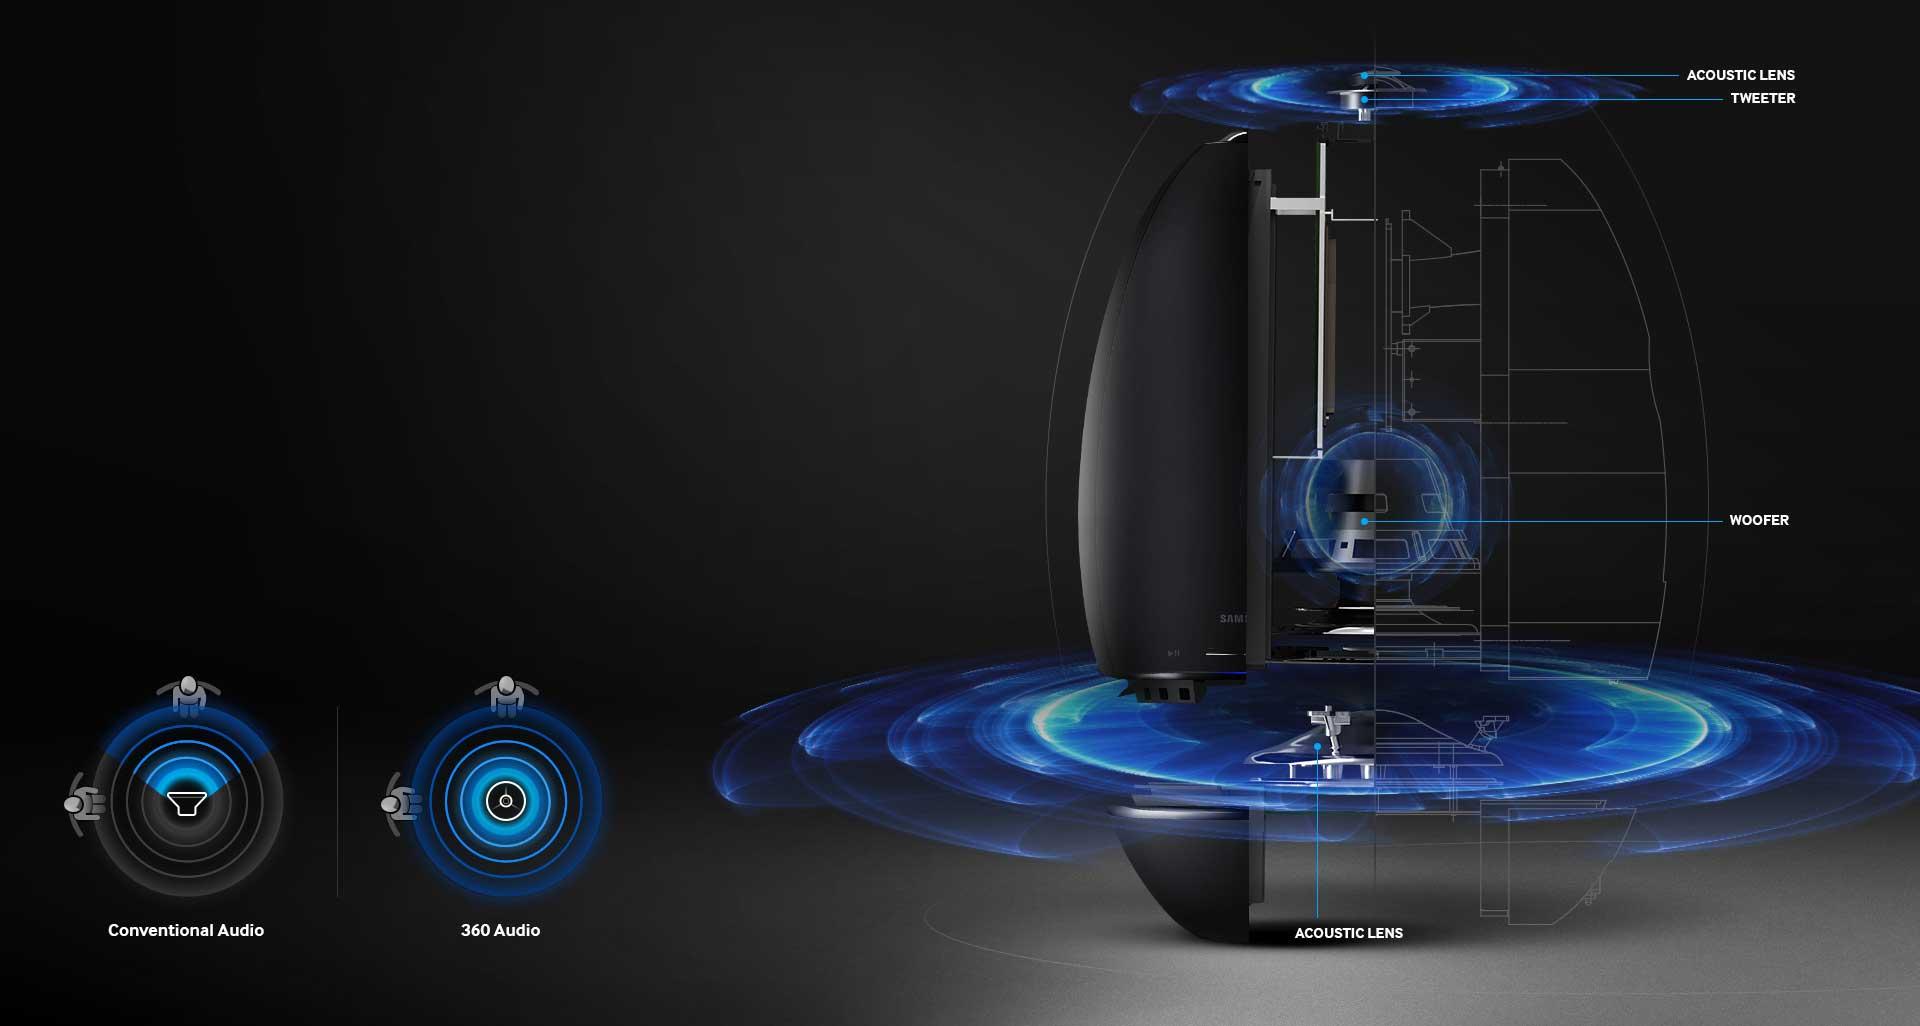 اسپیکر بی سیم 360 درجه سامسونگ WAM-7500